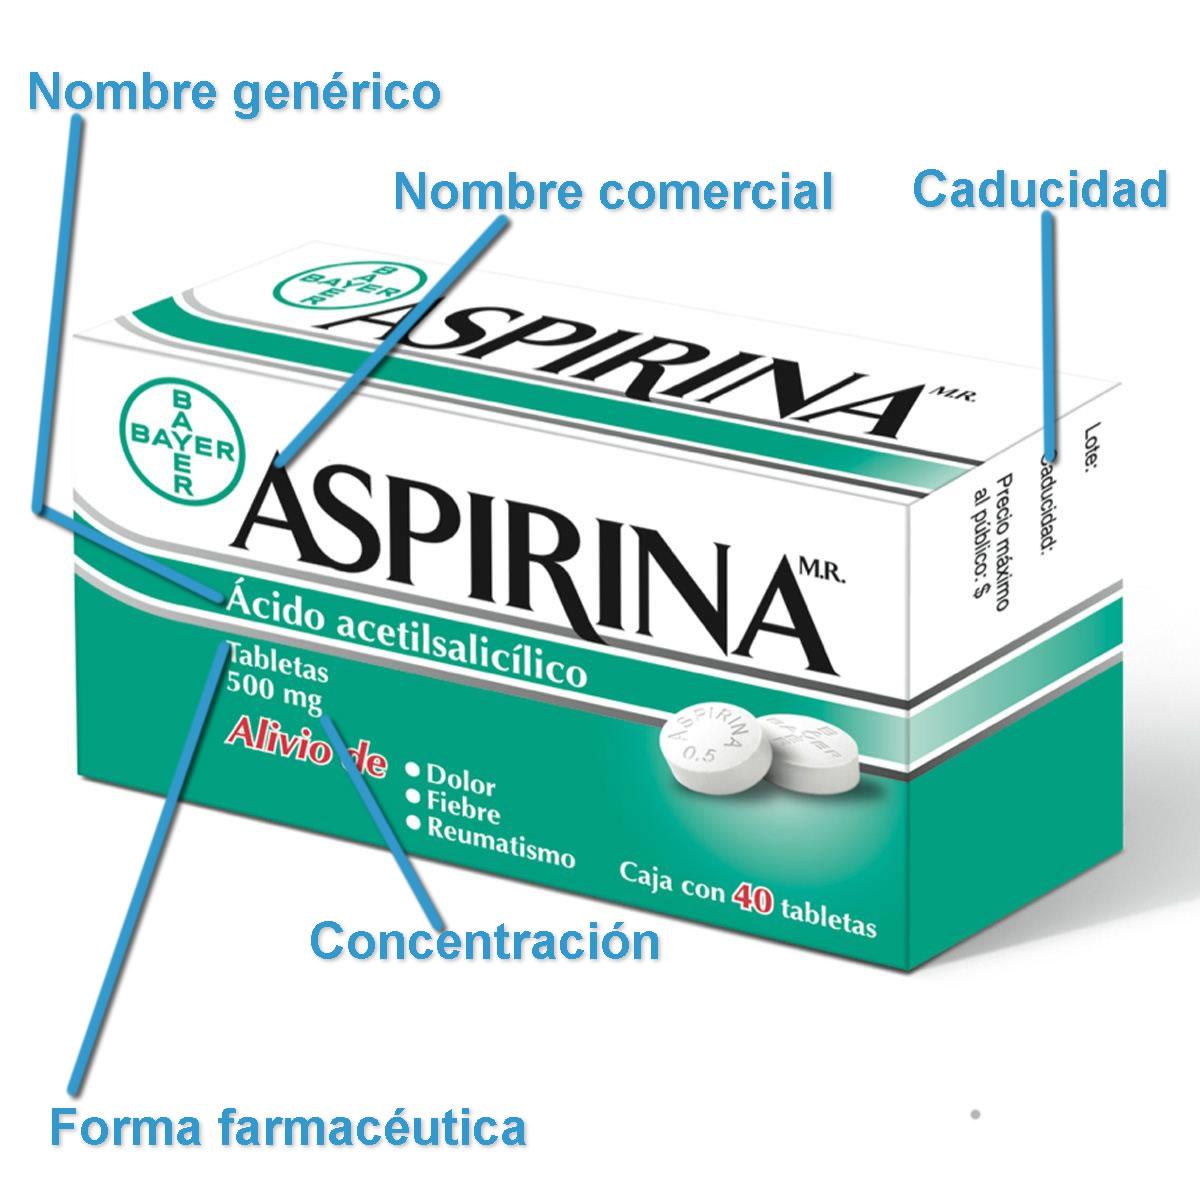 Nombre y vademecum metoprolol generico comercial